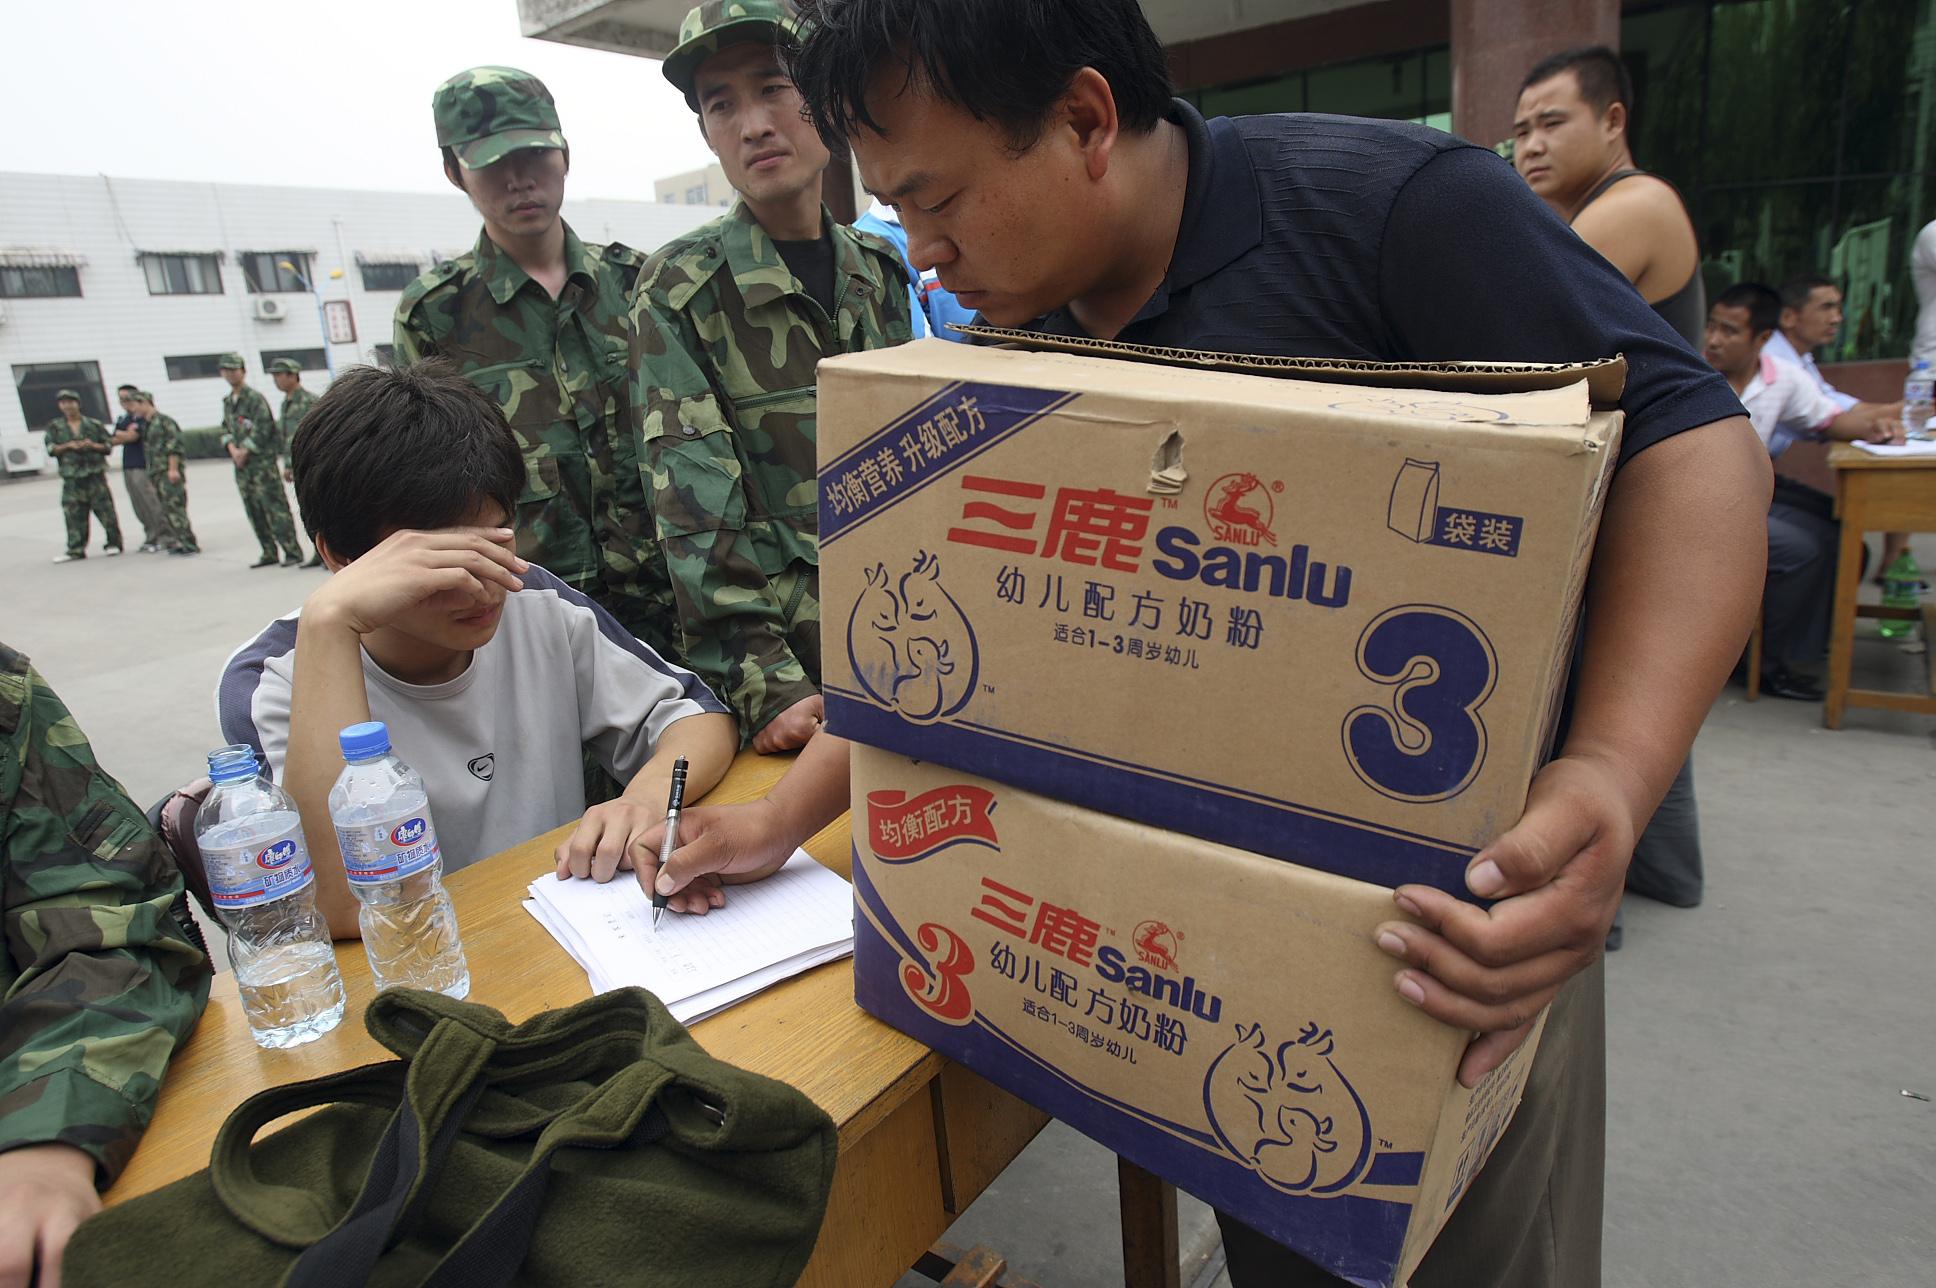 Beimischung von Melamin als Eiweißersatz in China gängige Methode